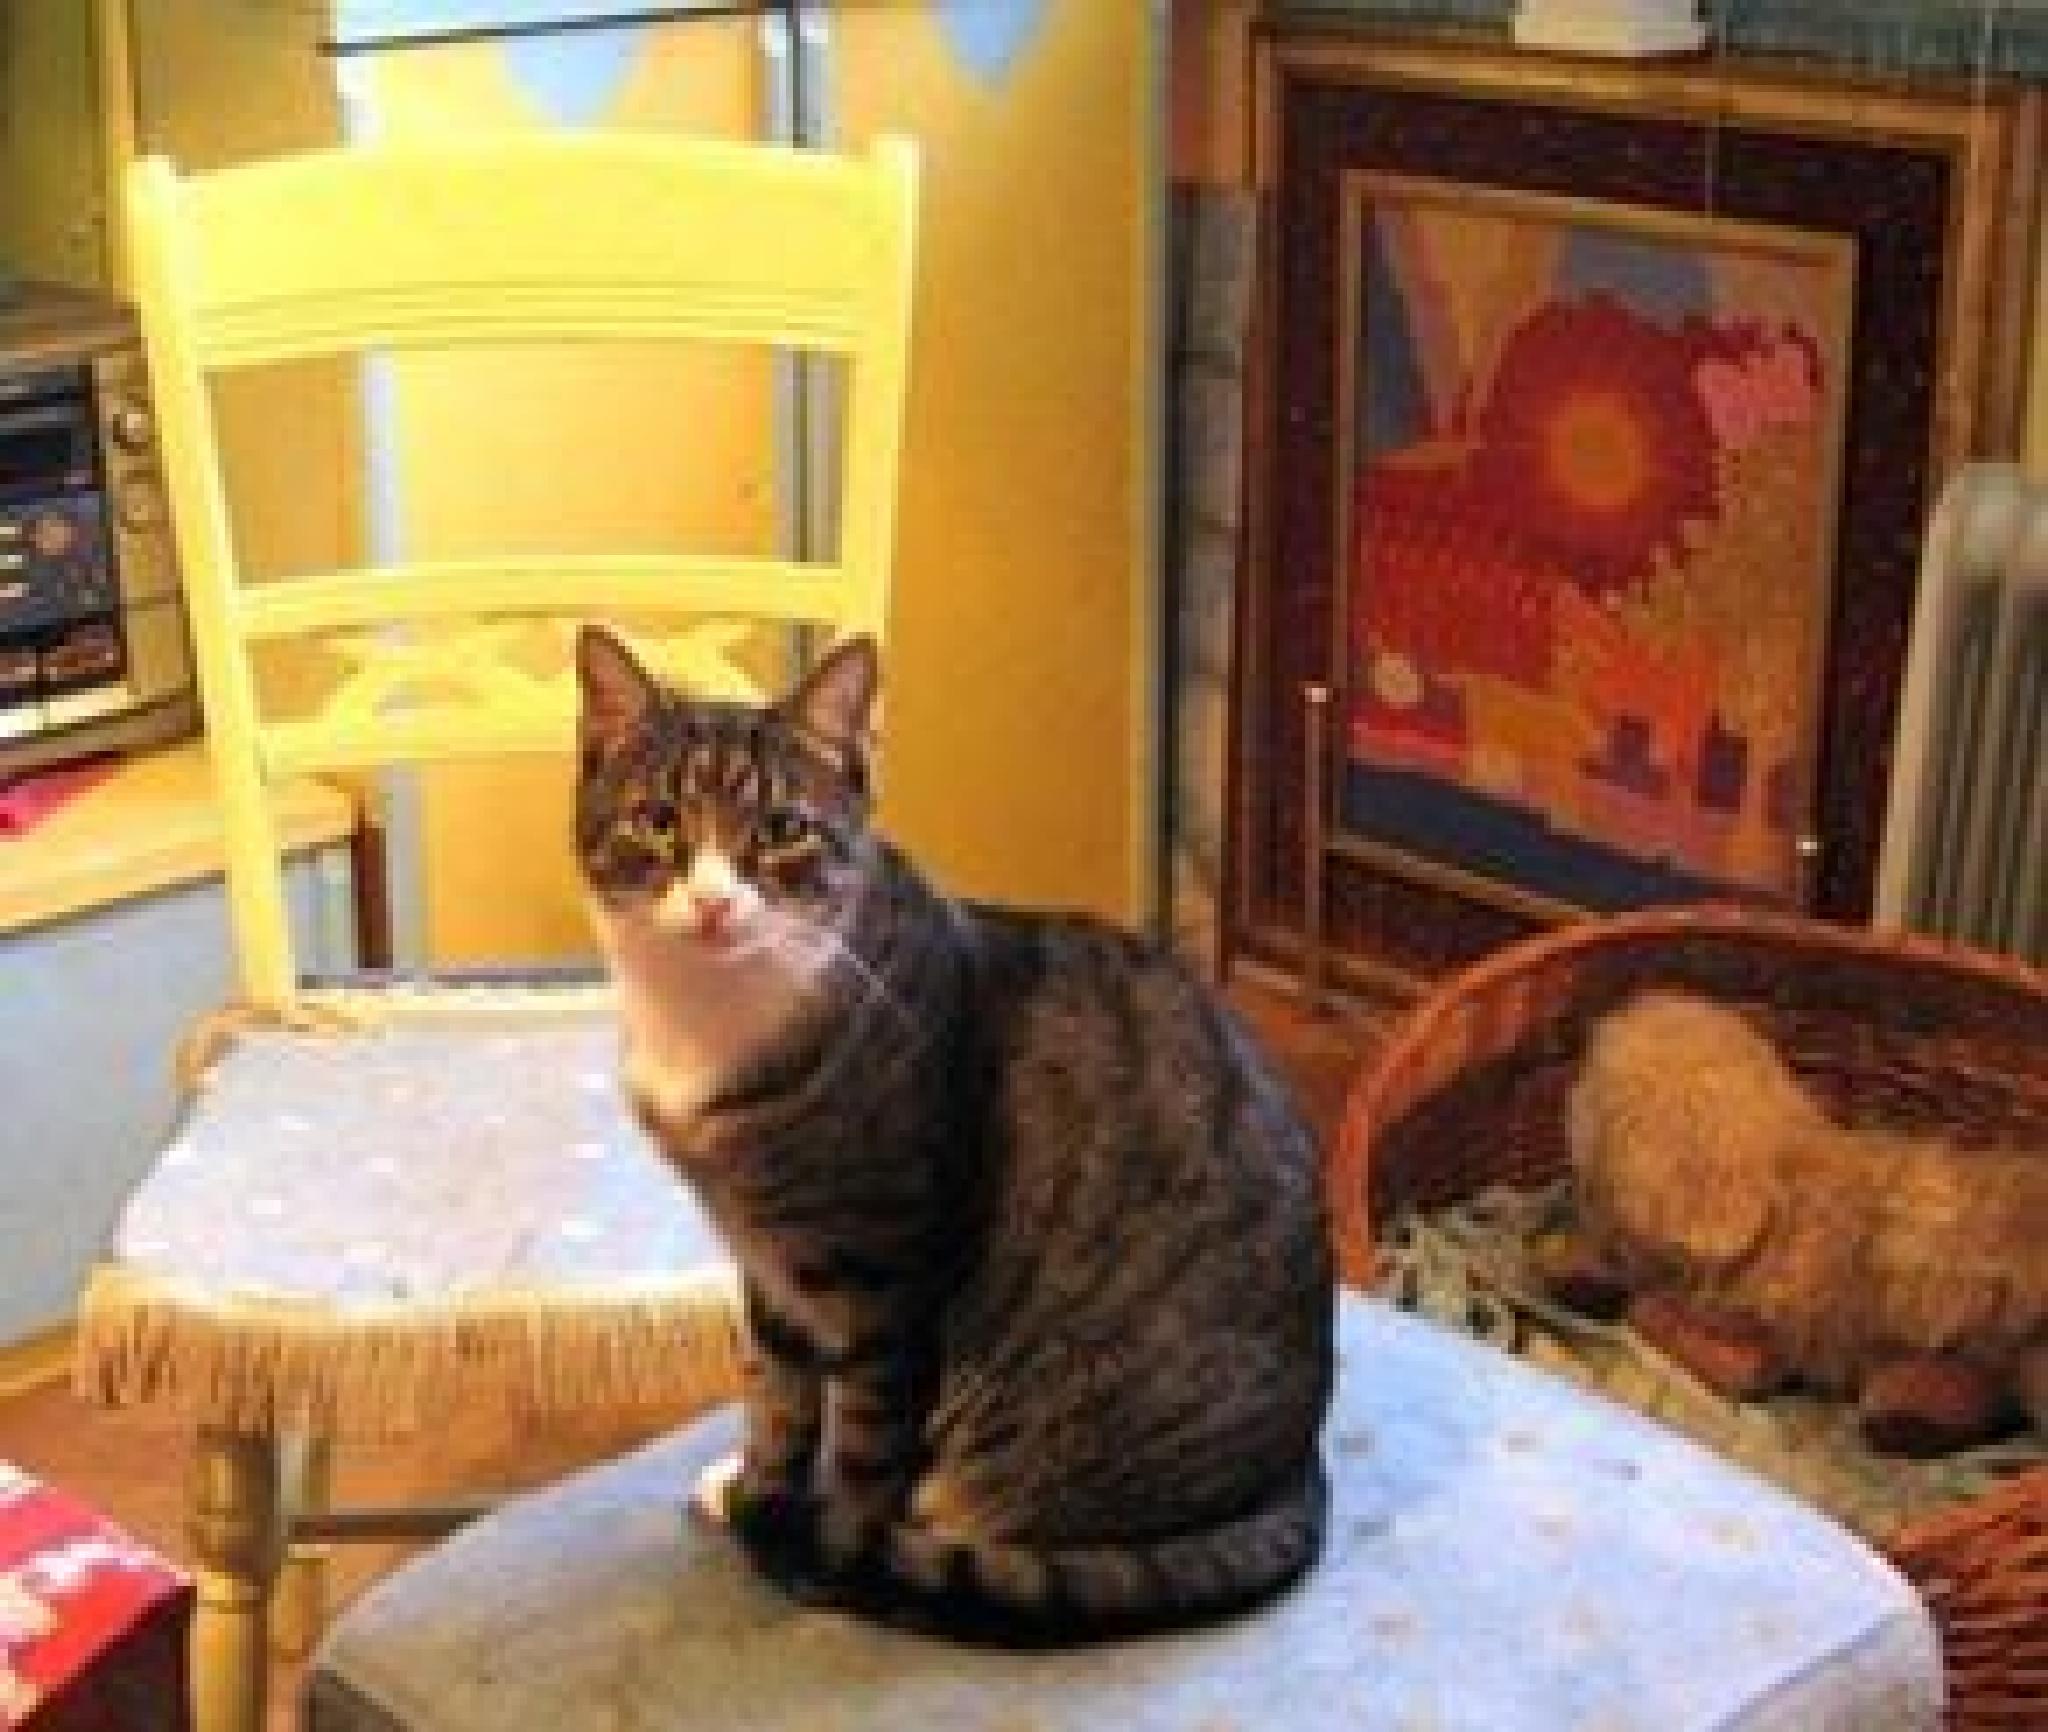 Palčić ~ Male cat  by natasa.karamatijevic